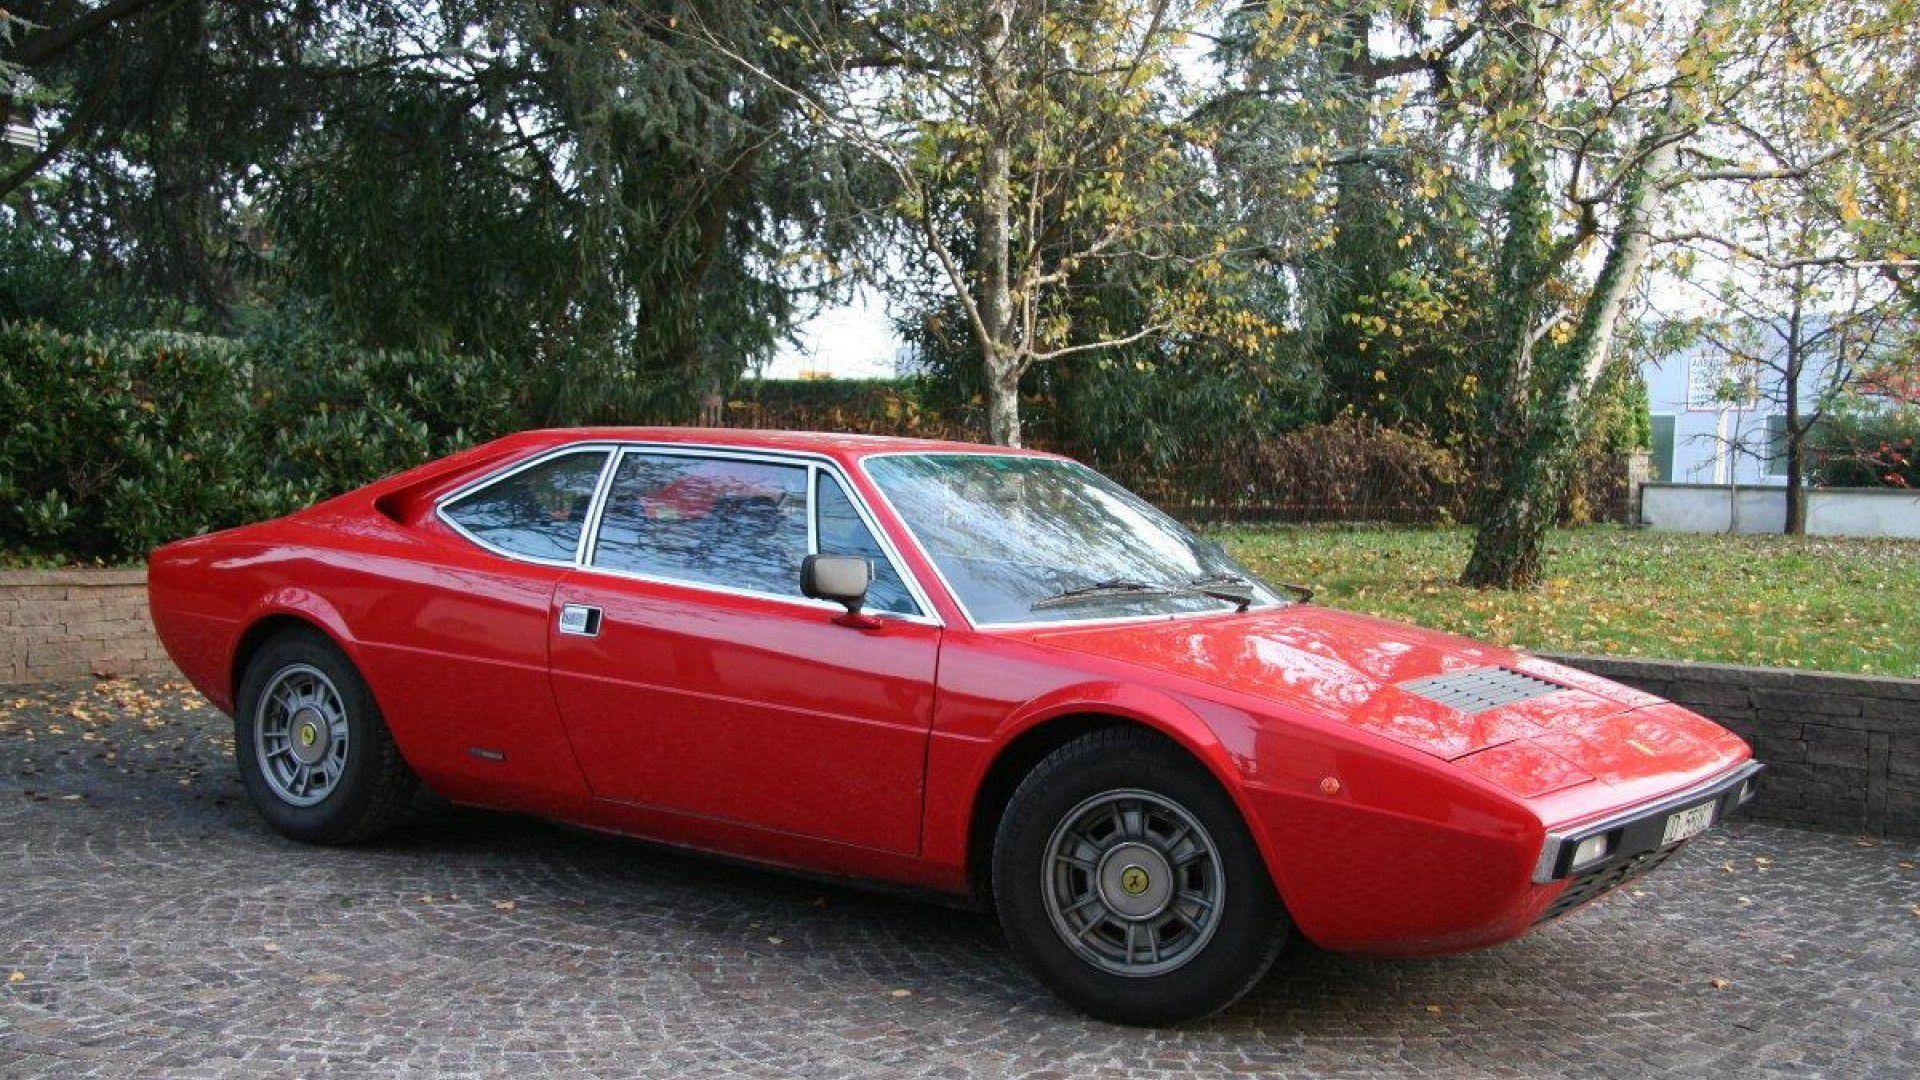 Ferrari 208 GT4 on Bentley Engine Scheme